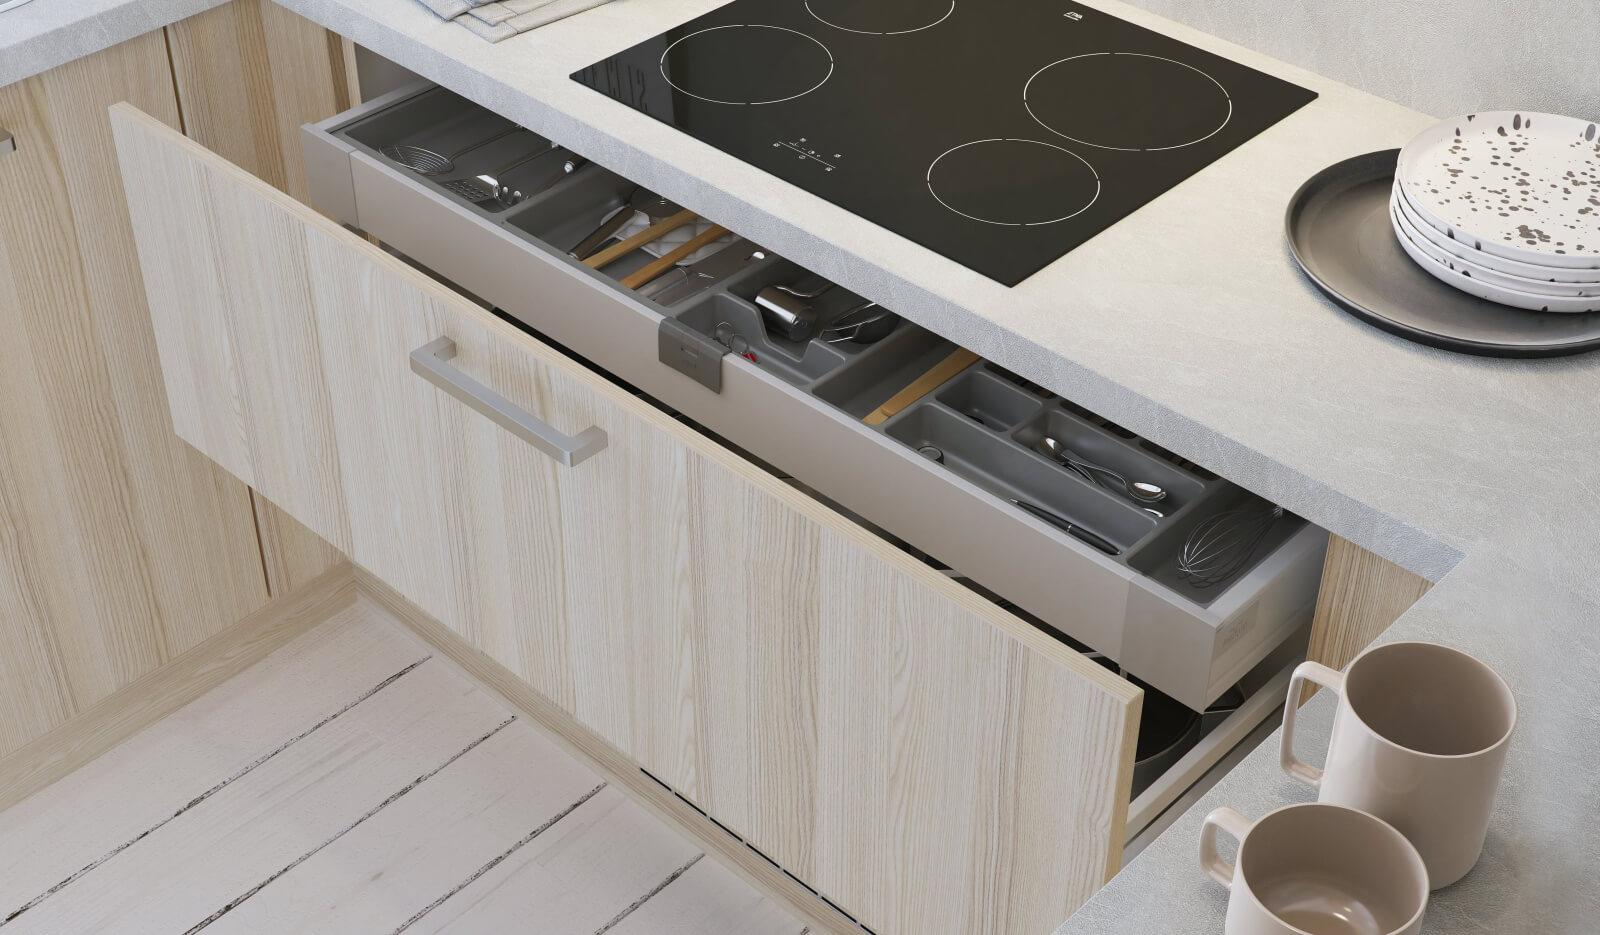 Keuken Atlas wit & acacia - extra brede voorraadlade